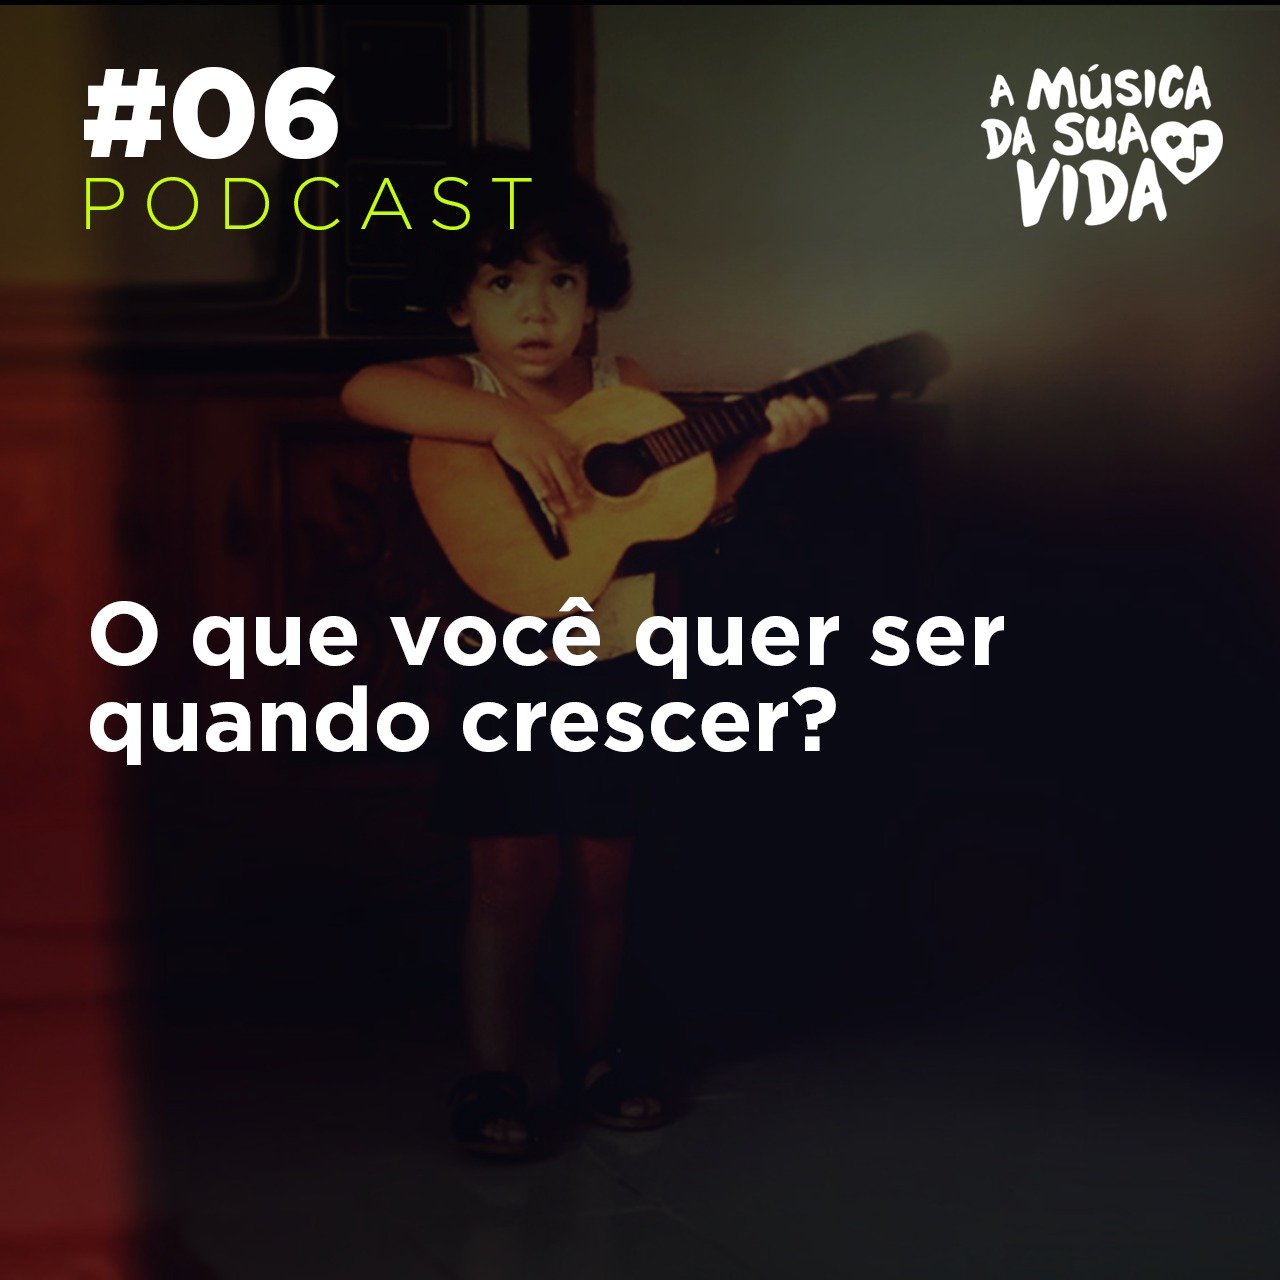 #06 - O que você quer ser quando crescer?